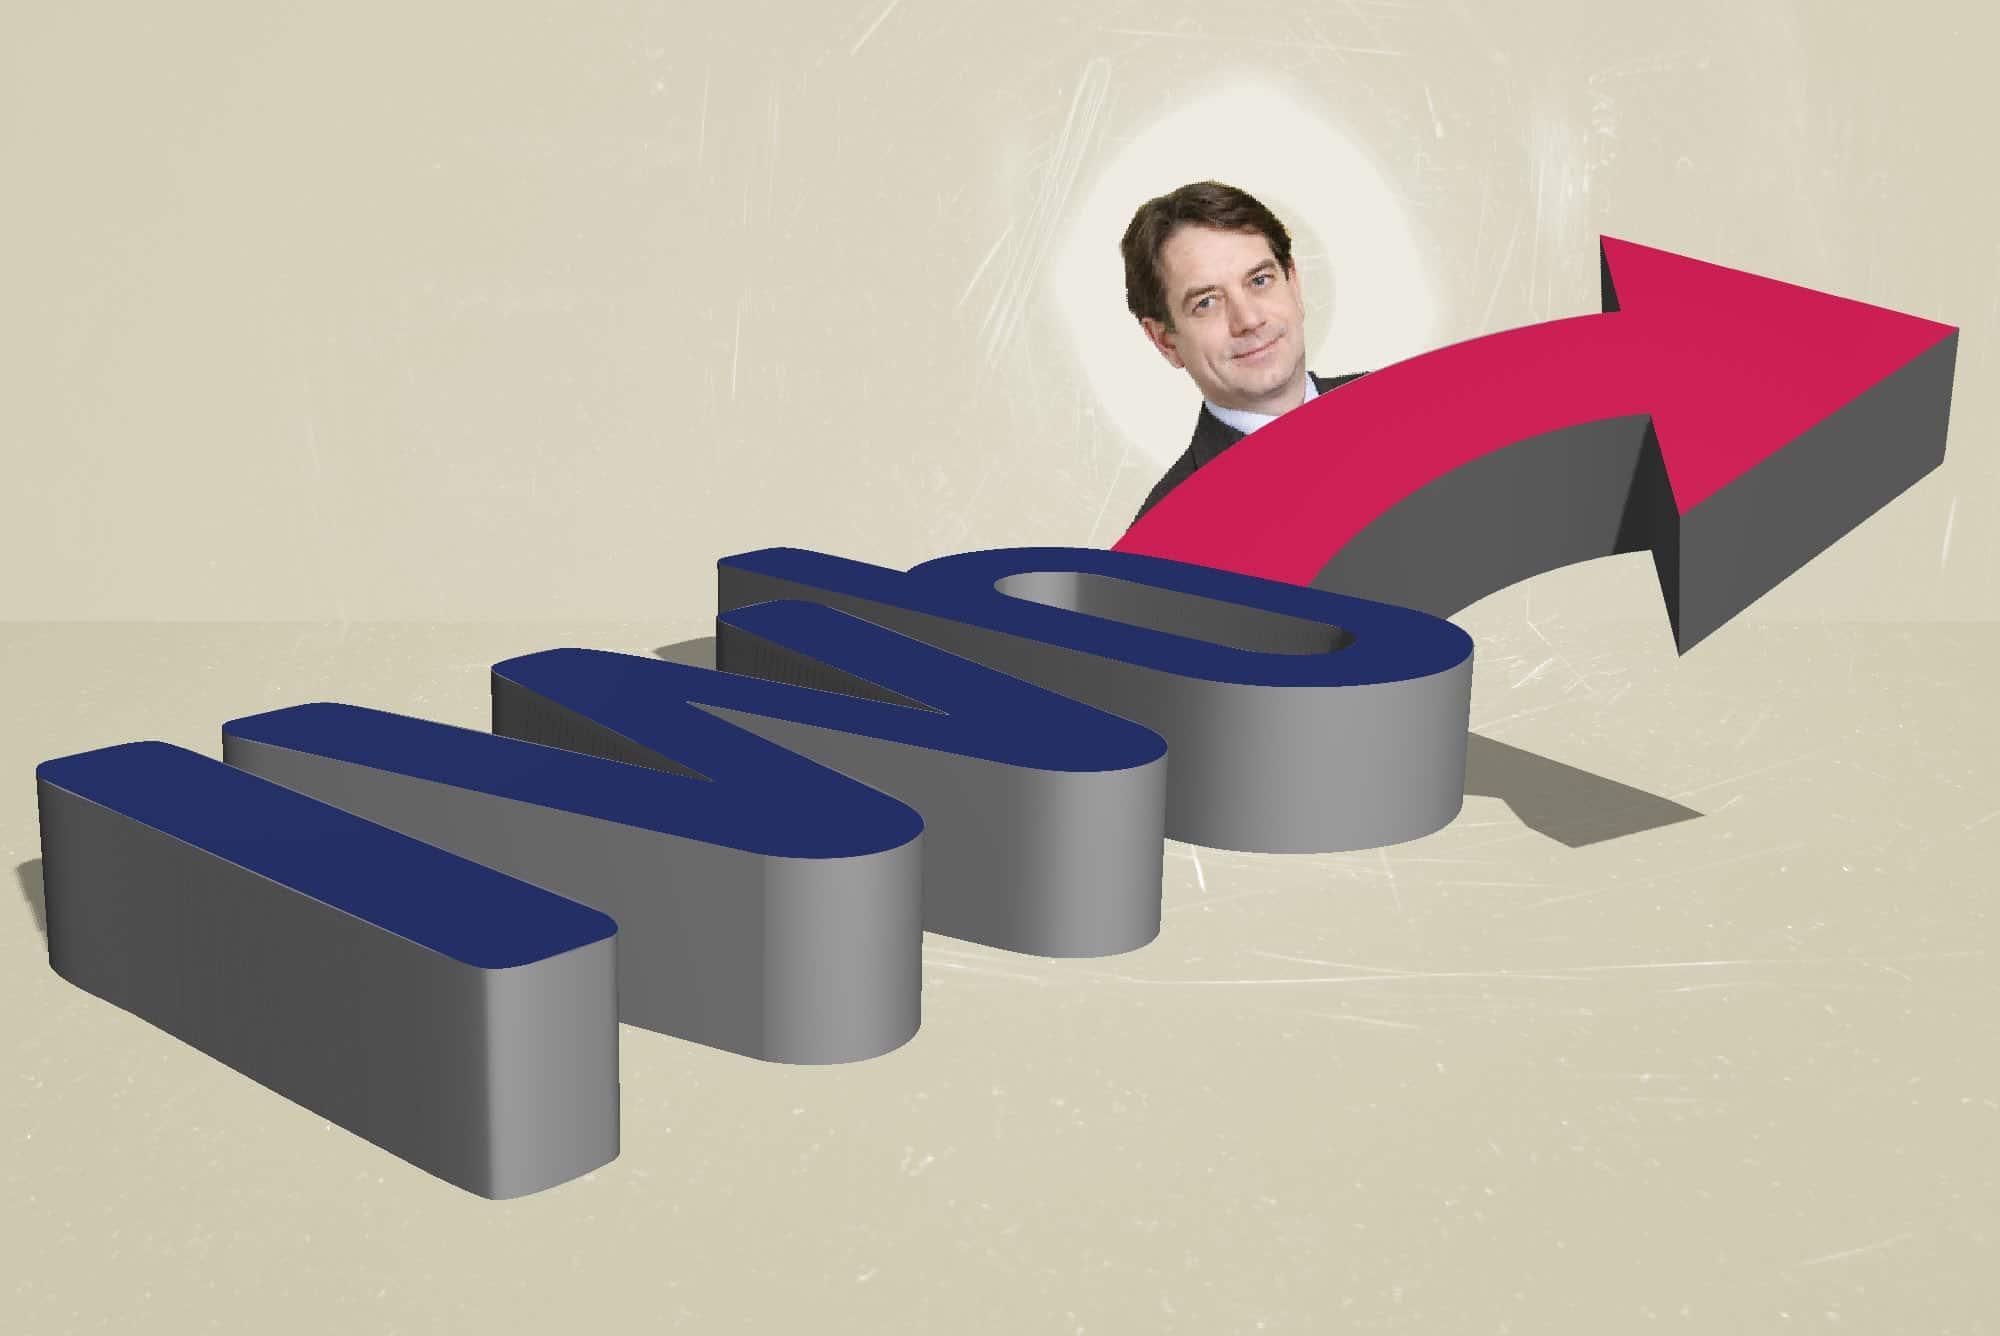 Das wars dann: Nach zehn Jahren an der Spitze muss David Thiel die IWB verlassen.